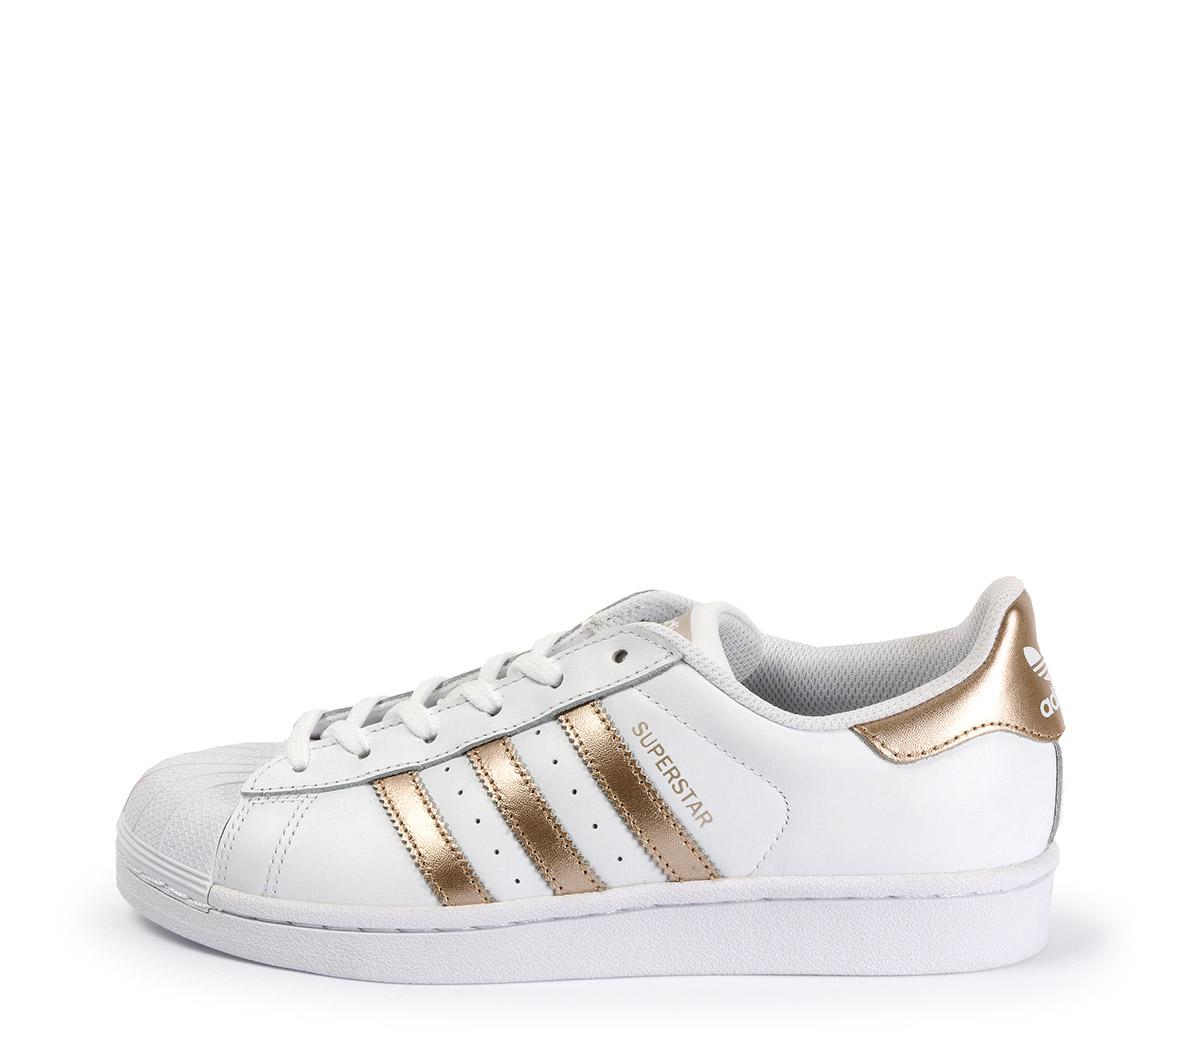 Ref: 3774 Adidas Superstar piel blanca con detalles en oro rosa. Cordones blancos.